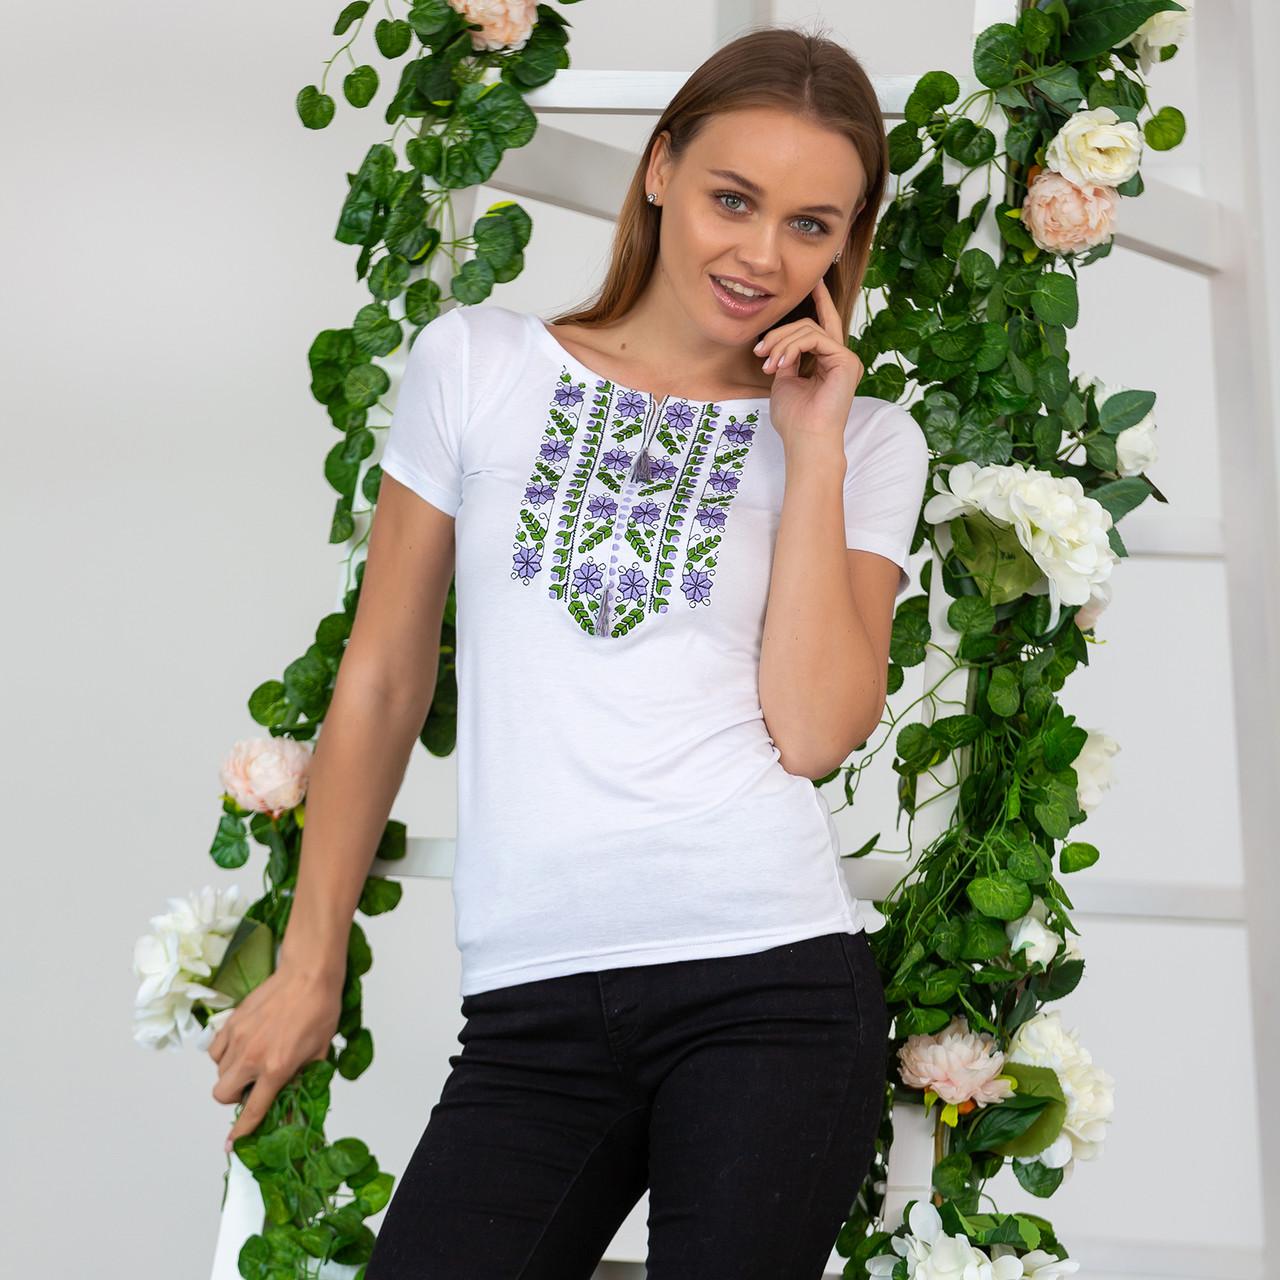 Гладь вышивка на футболках - Цветы